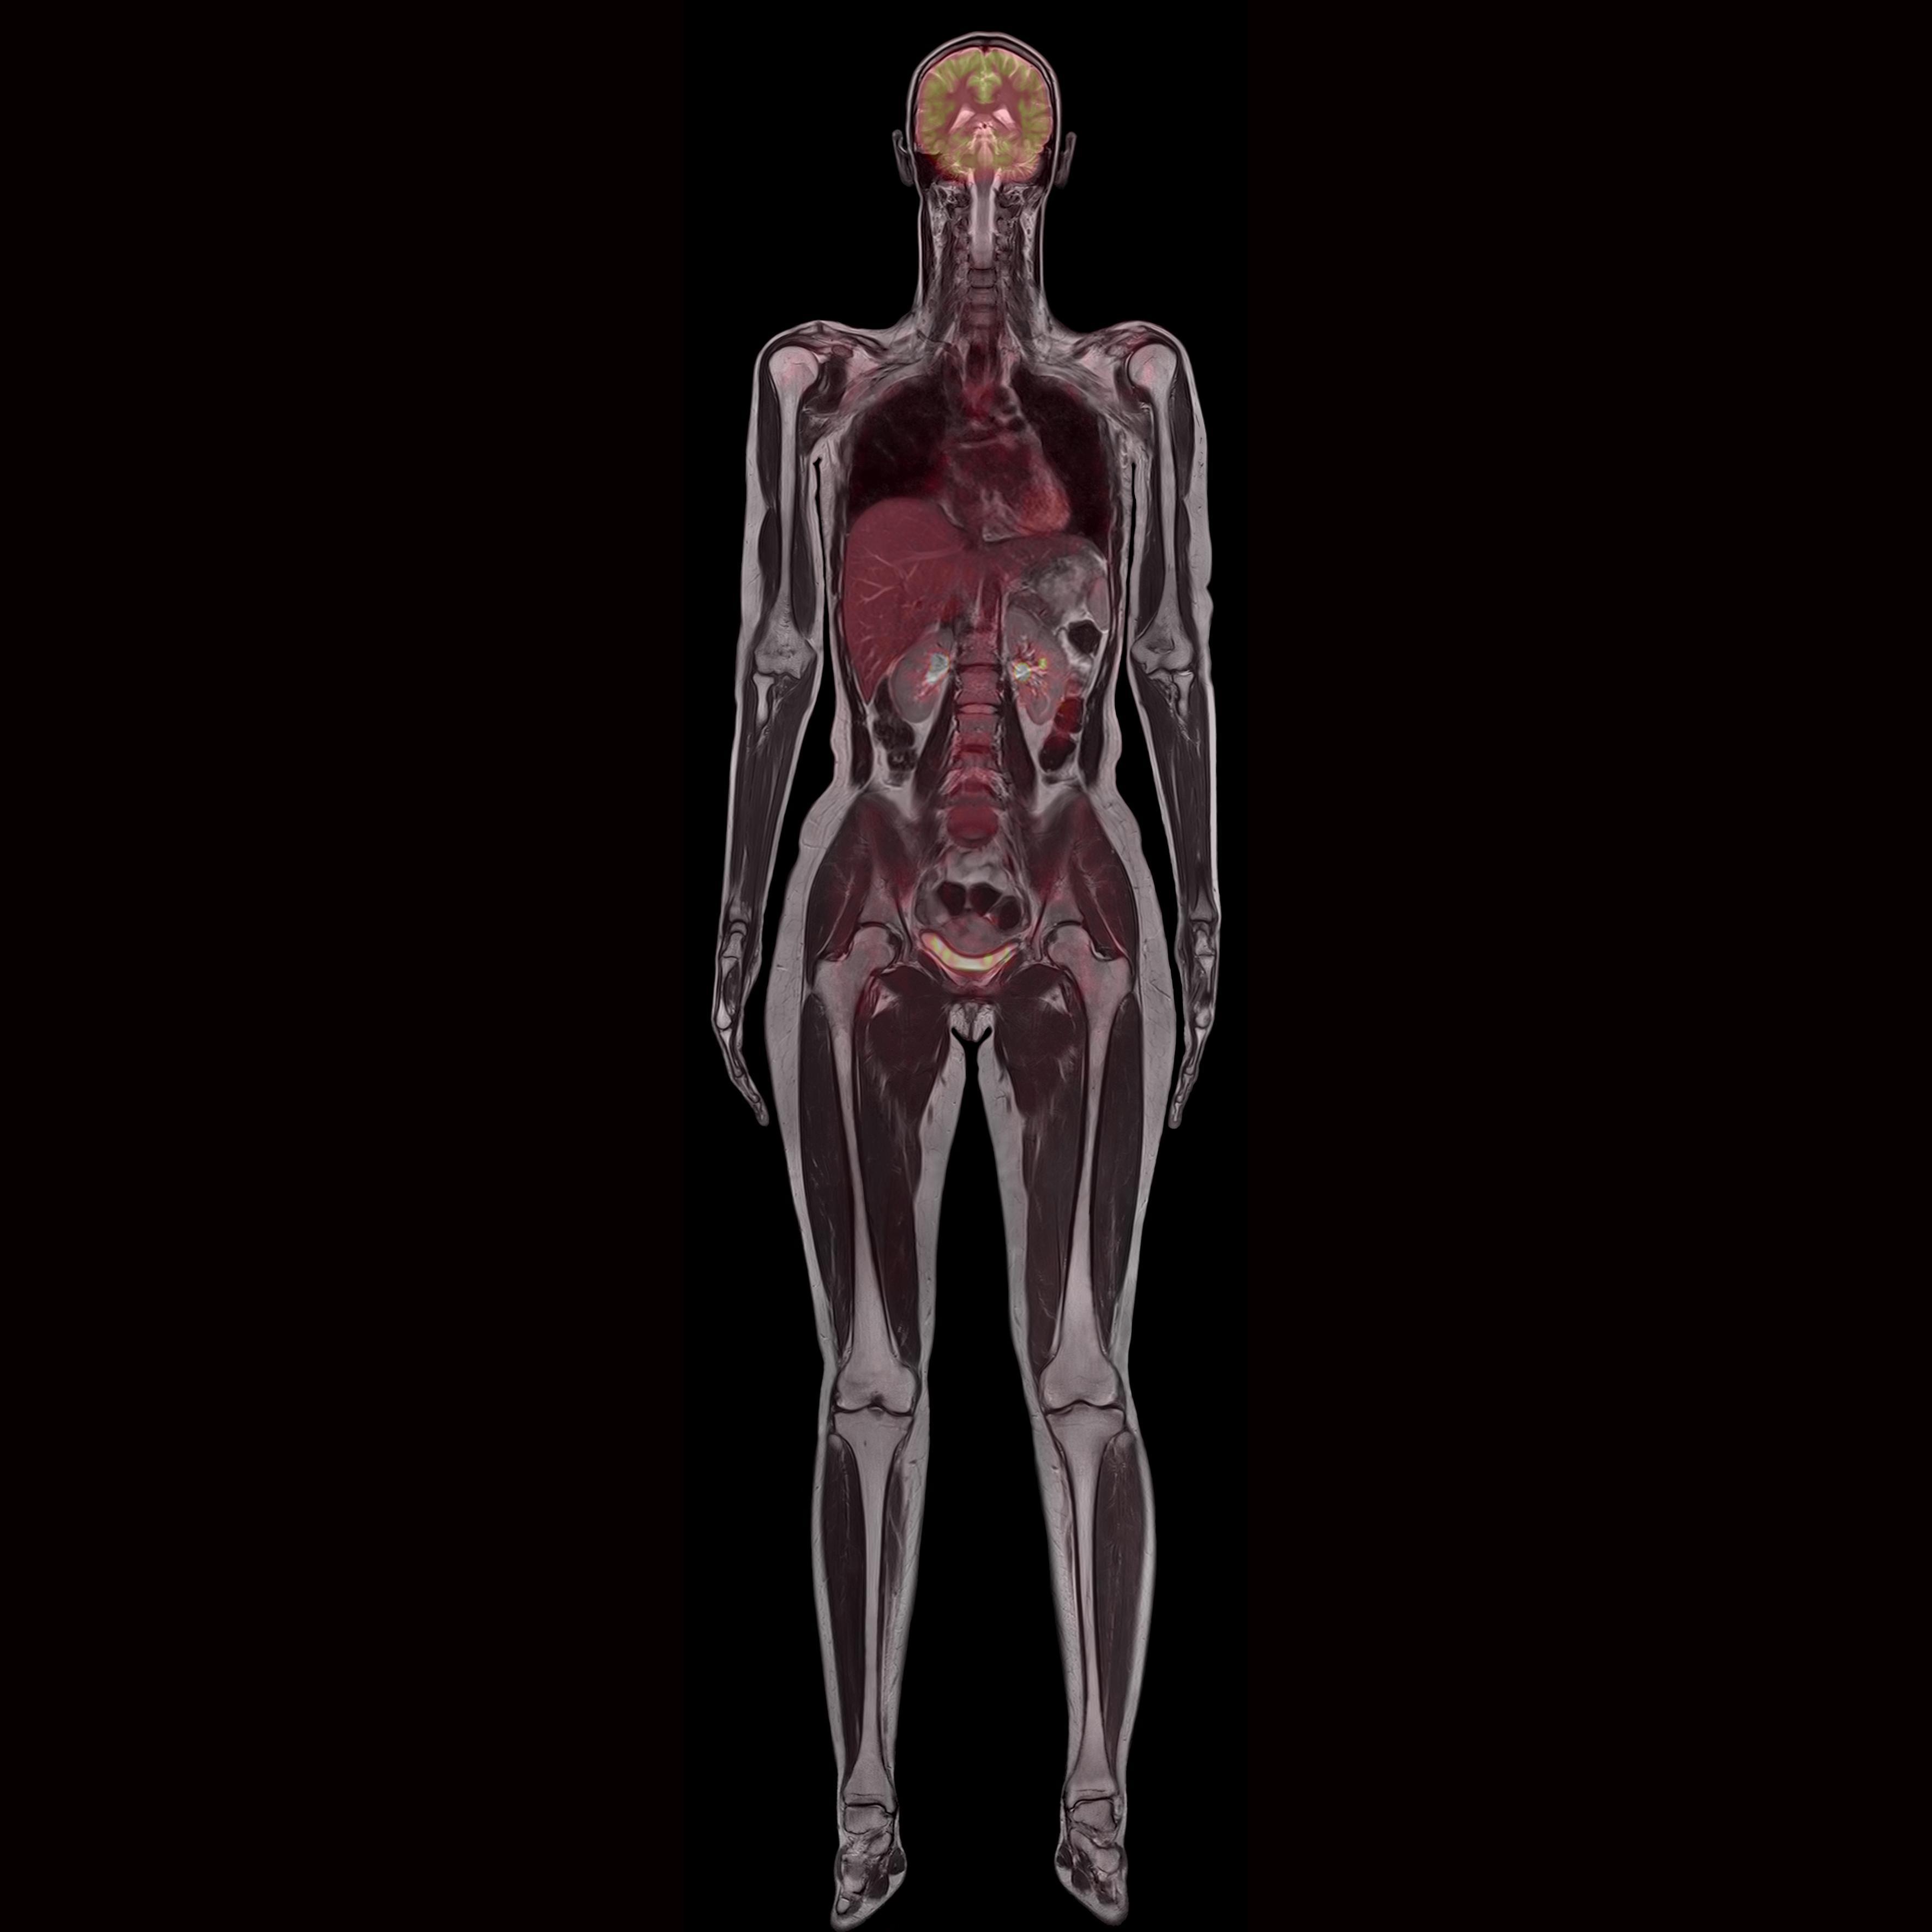 Biograph mMR - Whole Body